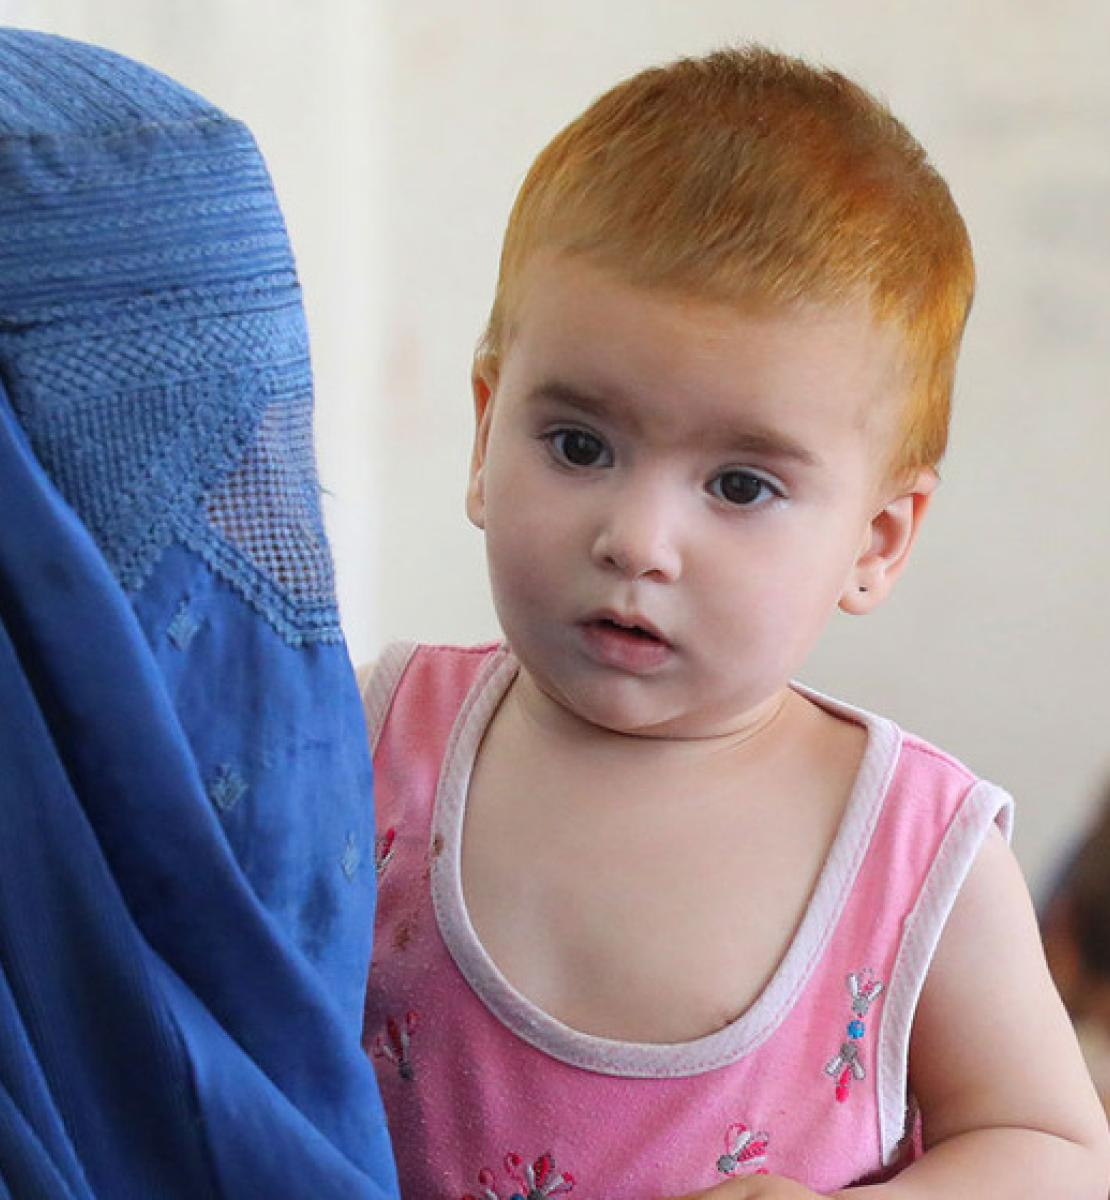 تظهر الأم في المقدمة وهي ترتدي غطاء الرأس والوجه وهي تحمل طفلها، وفي الخلفية أم وطفل آخر.